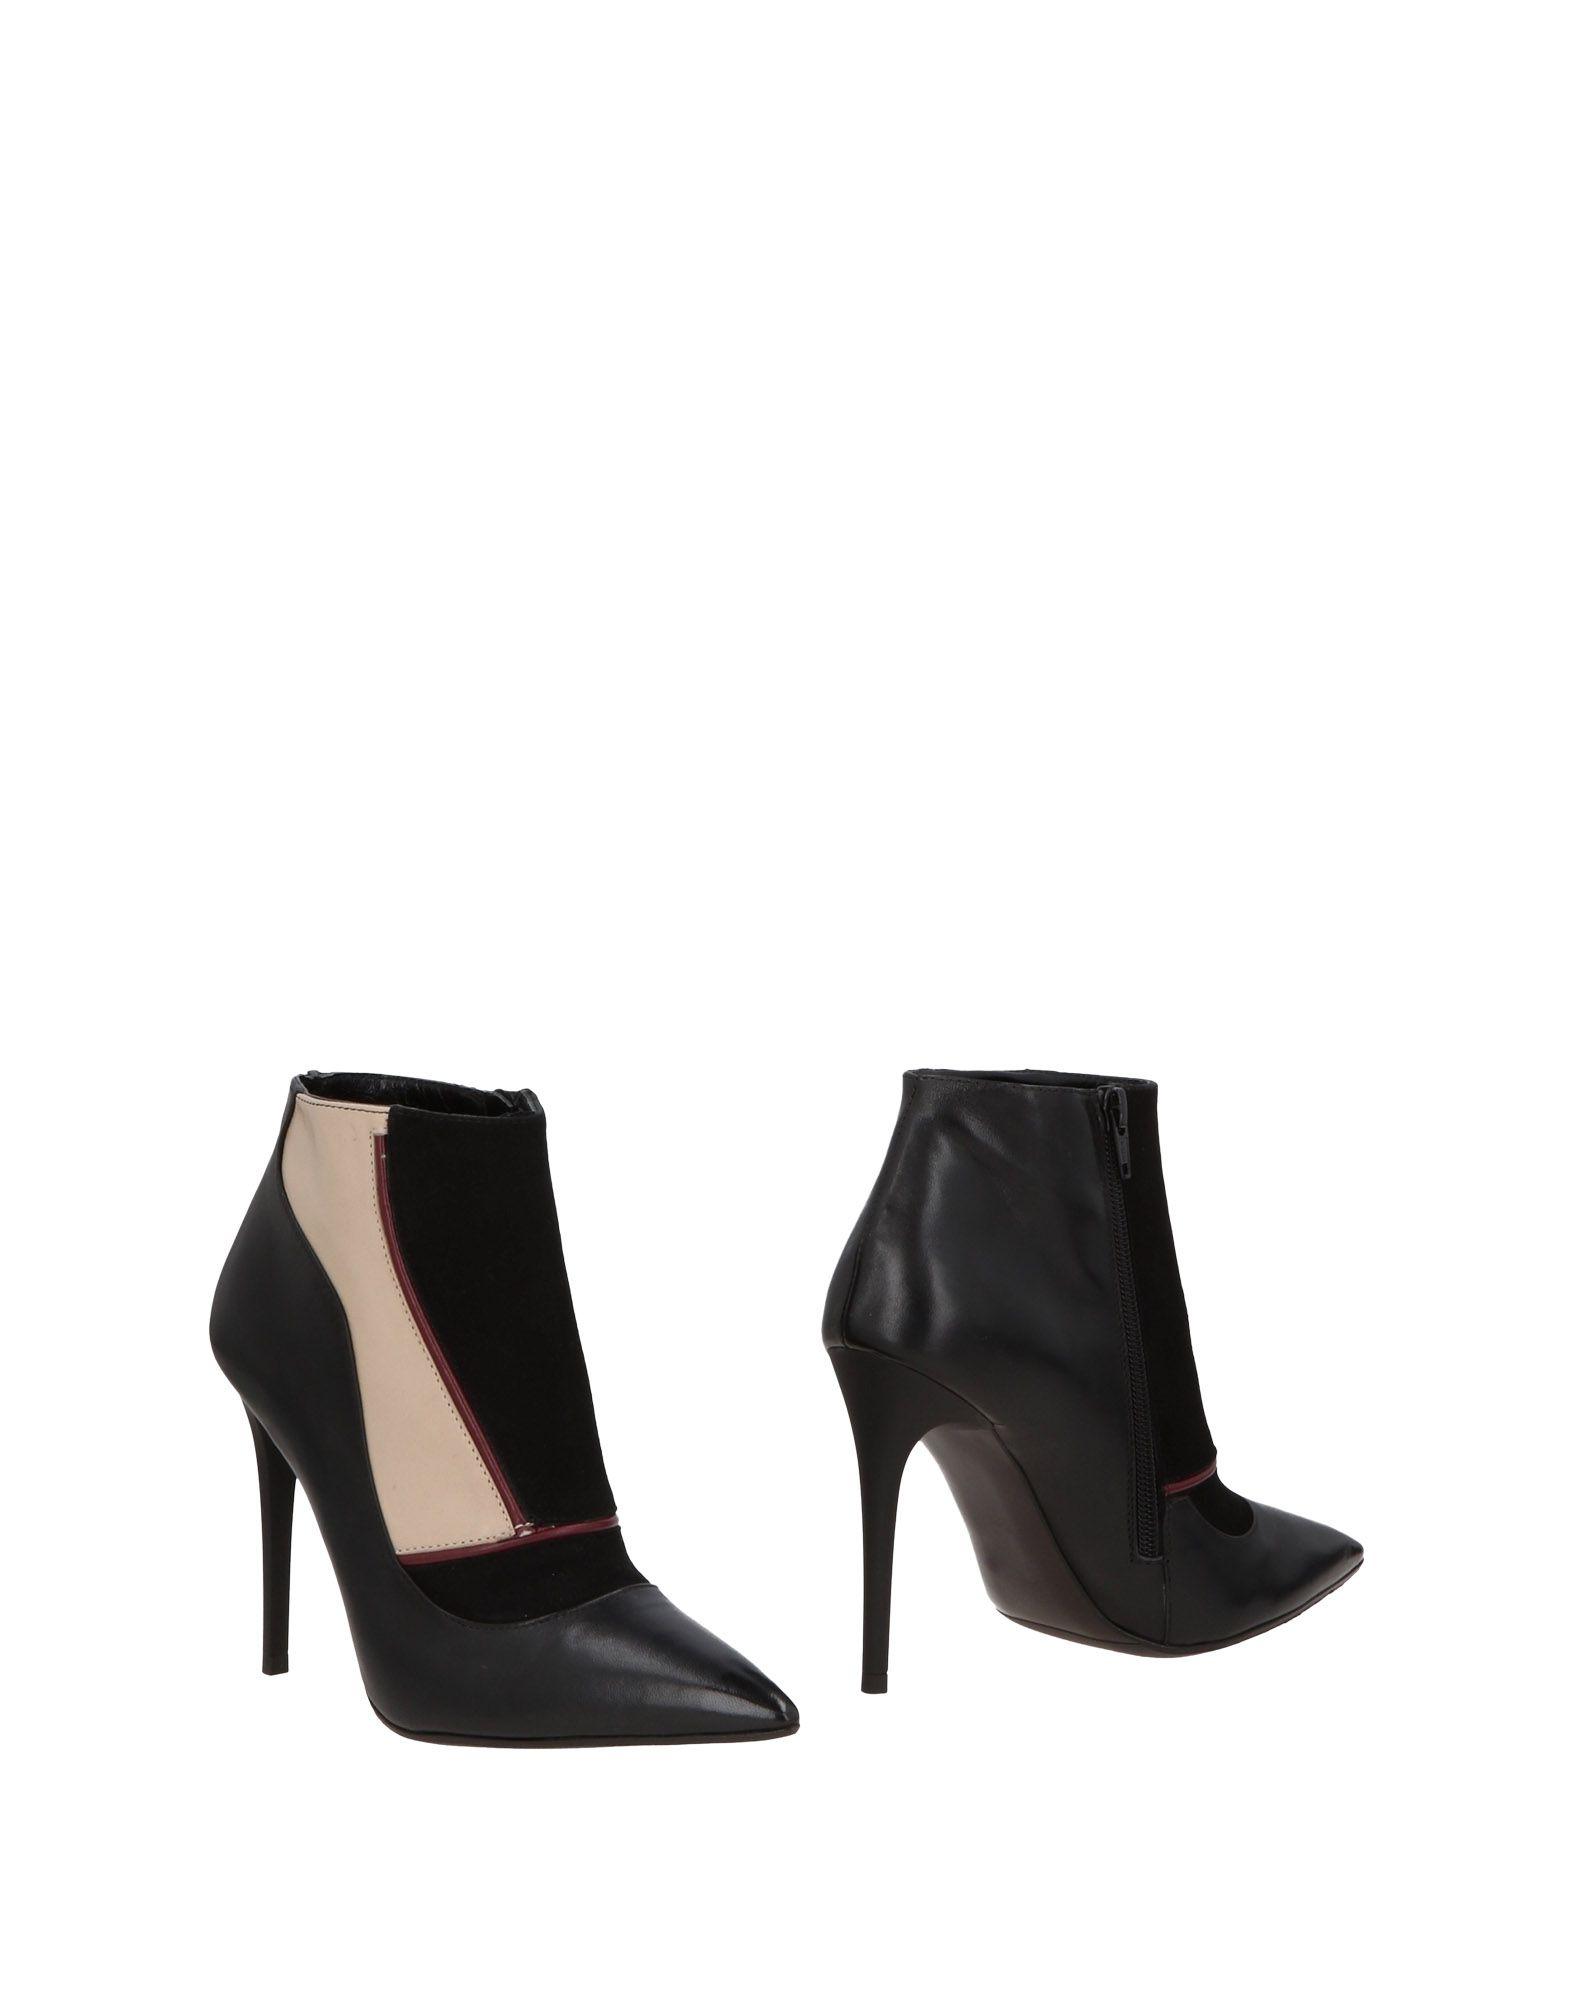 Bottine Islo Isabella Lorusso Femme - Bottines Islo Isabella Lorusso Noir Nouvelles chaussures pour hommes et femmes, remise limitée dans le temps